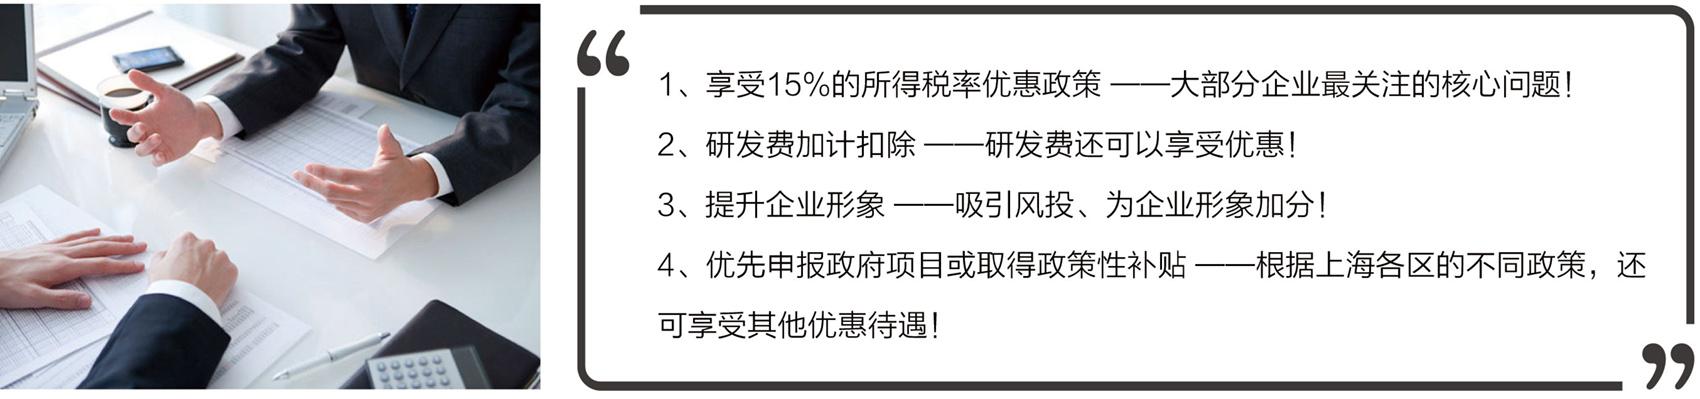 高新技术企业认定_03.jpg